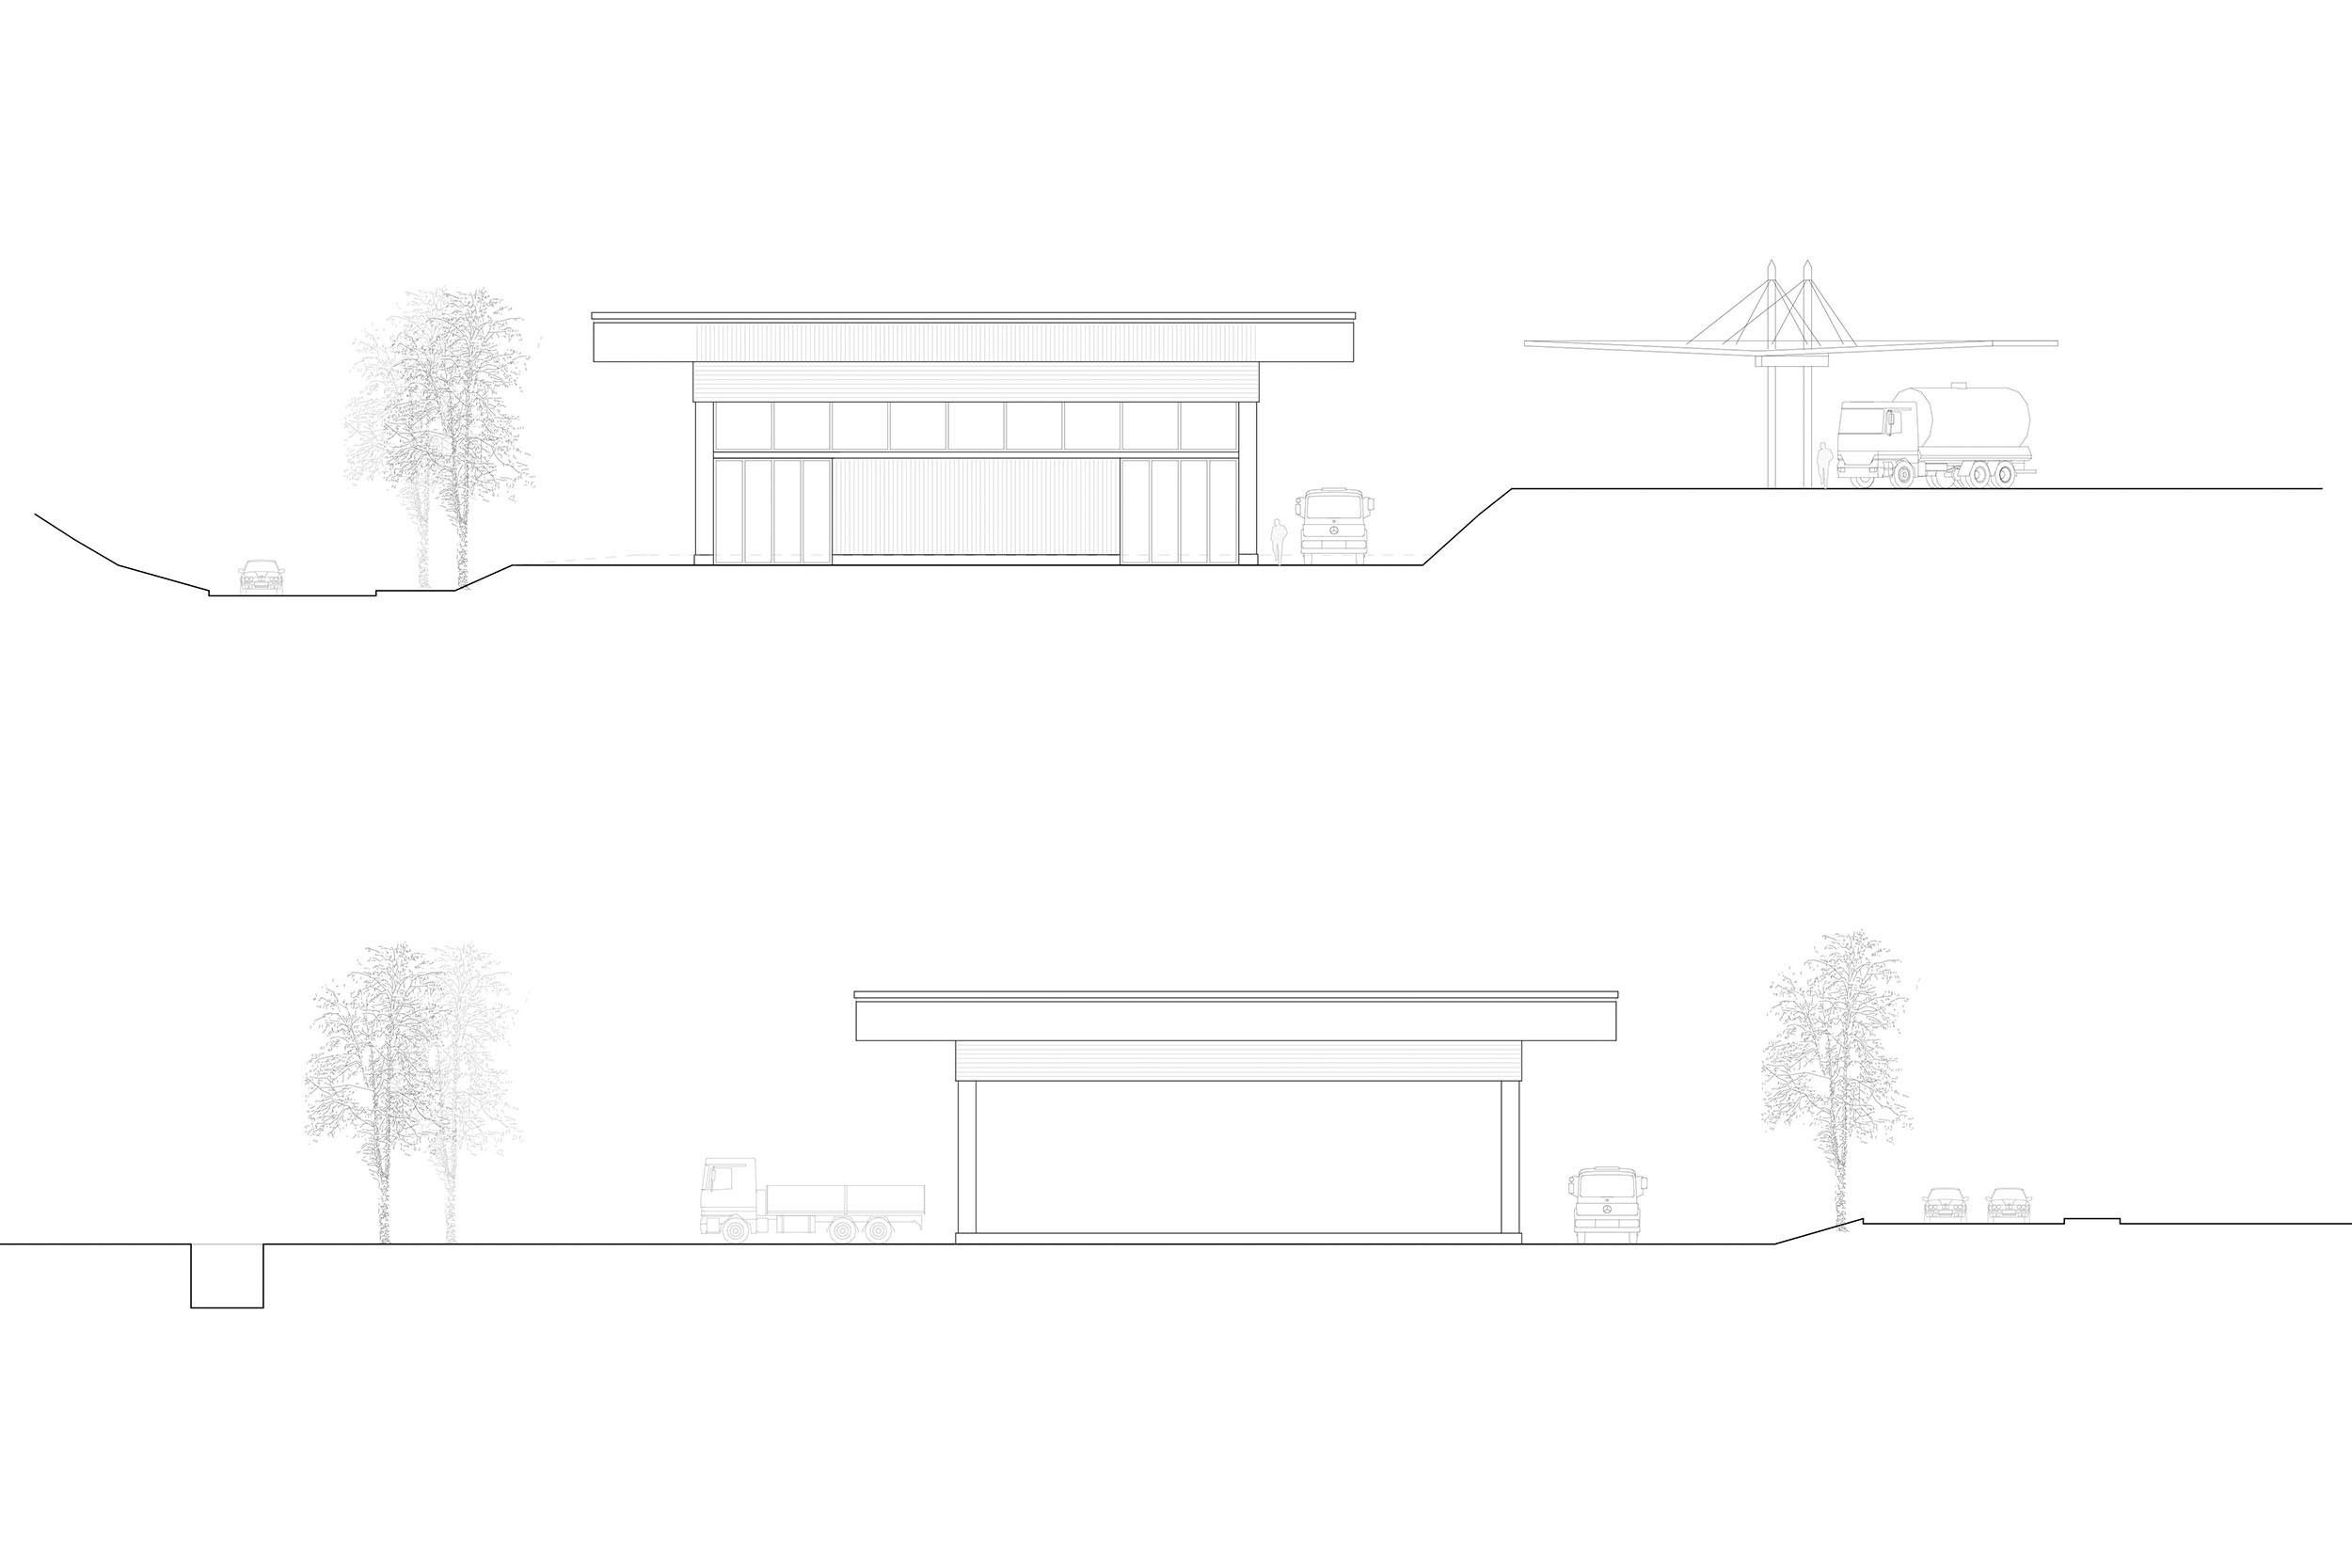 Neubau Werkhof Sissach